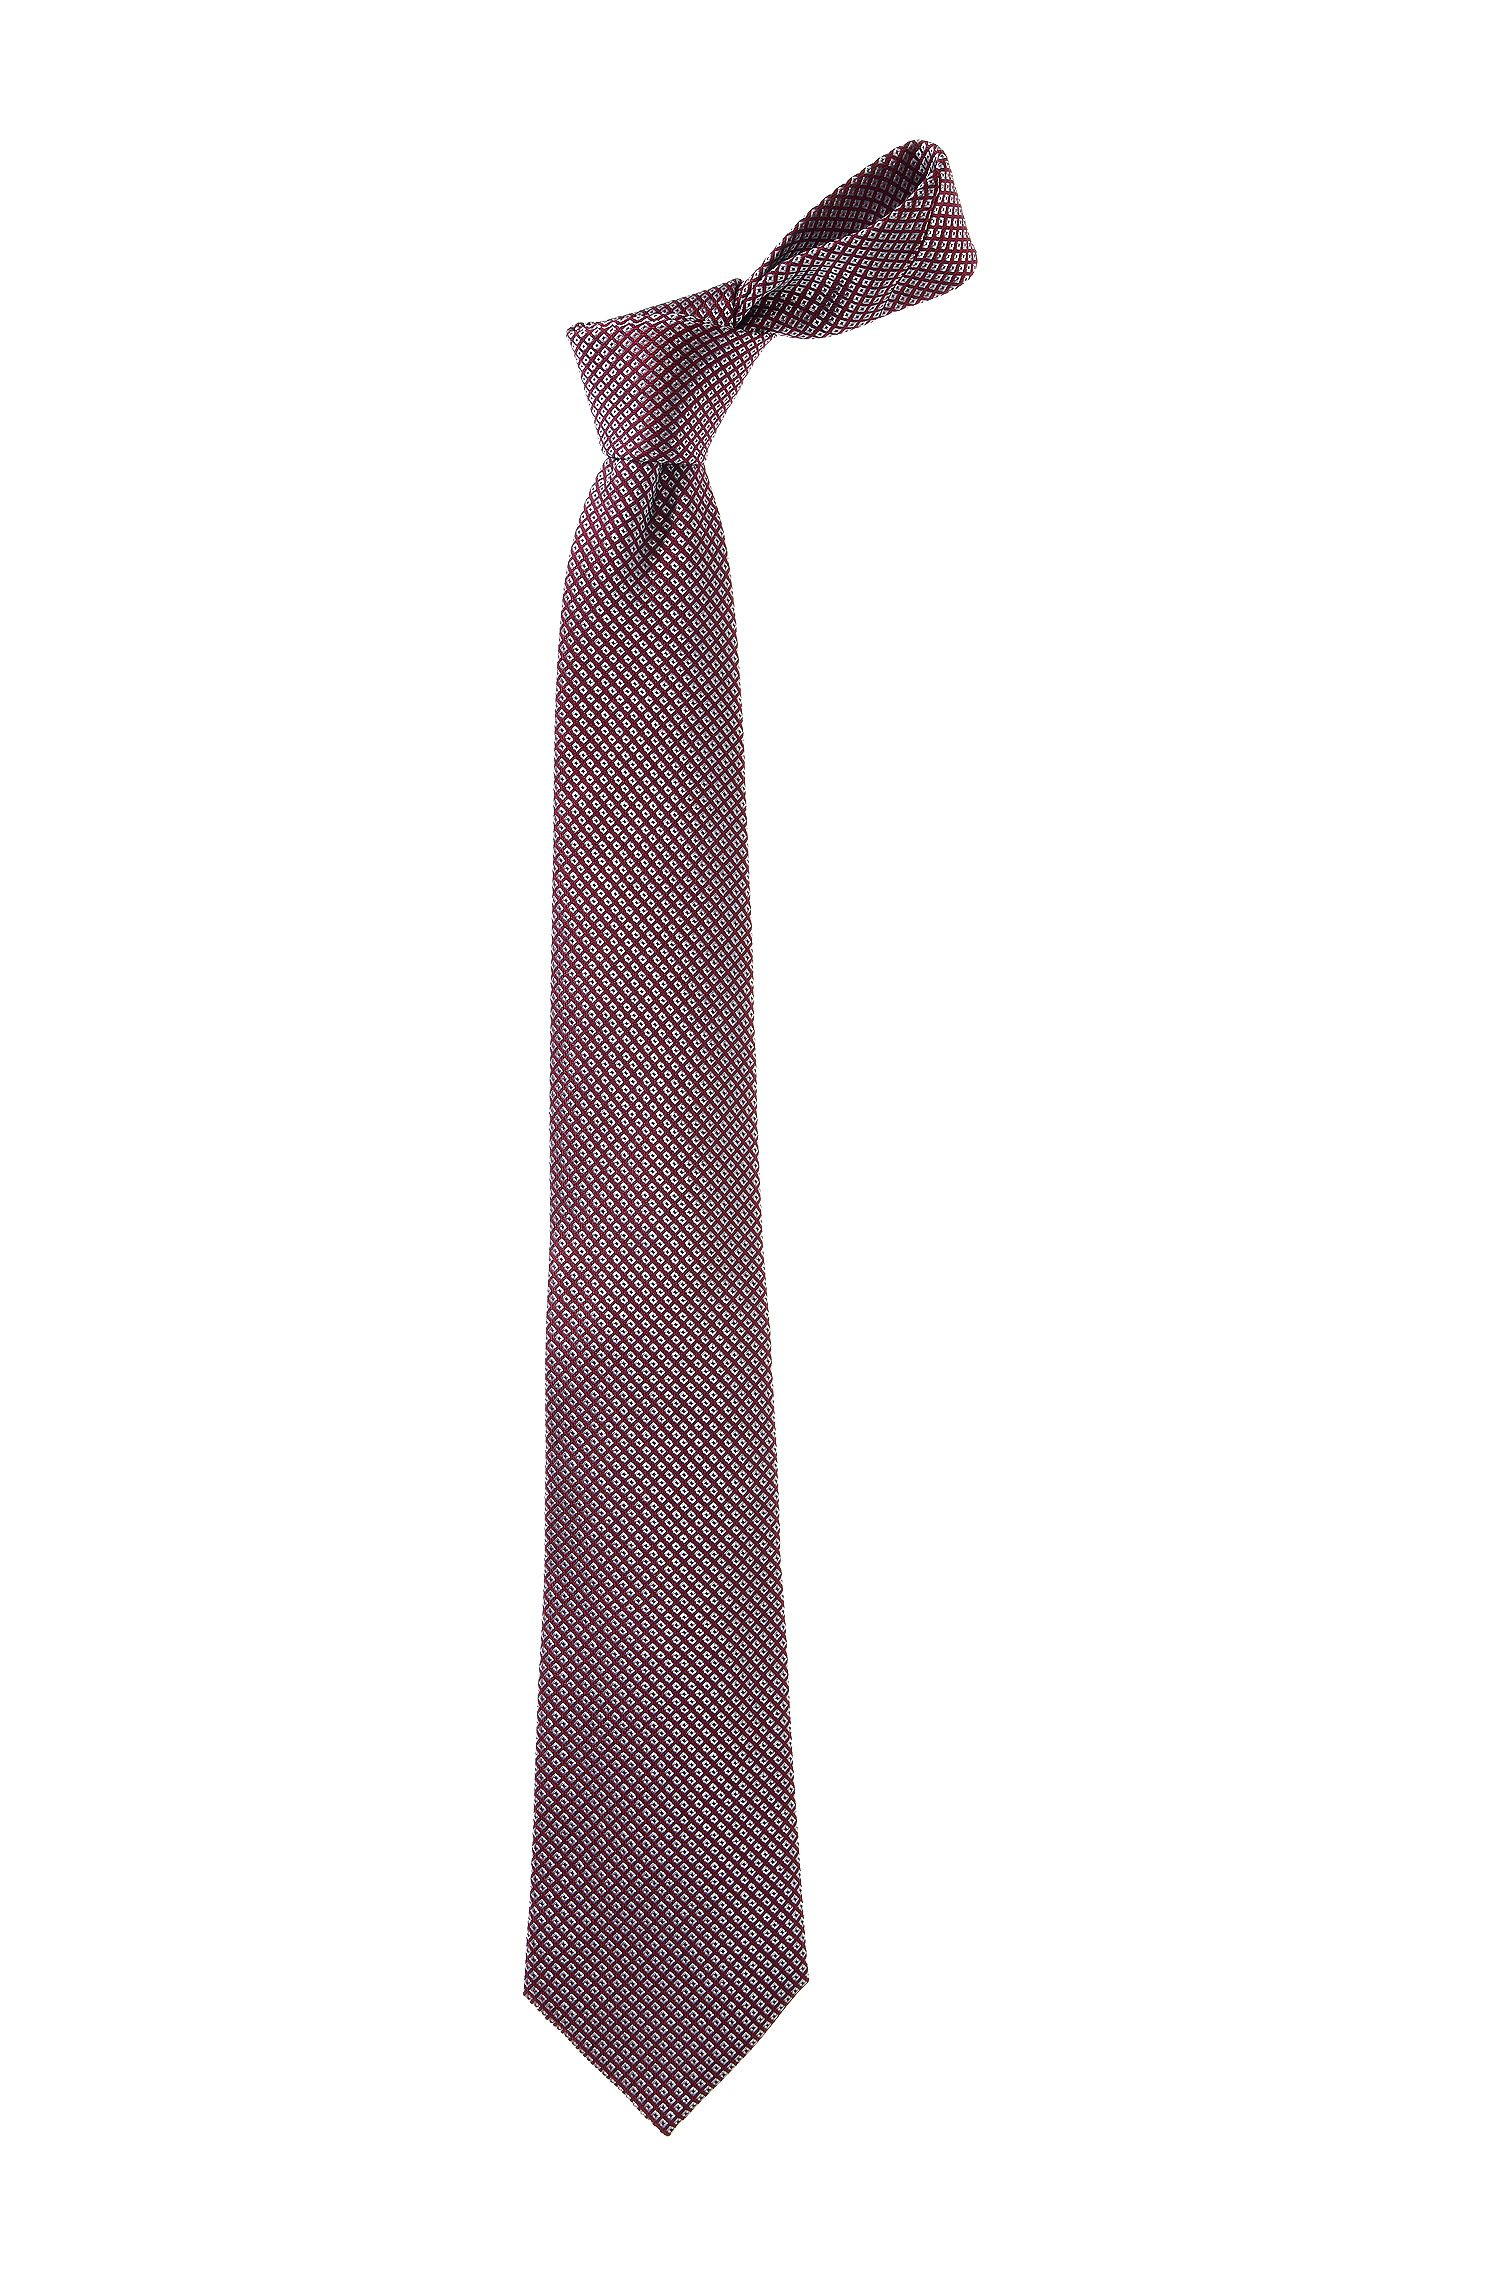 Krawatte ´TIE CM 8` mit eingewebtem Rauten-Dessi, Rot